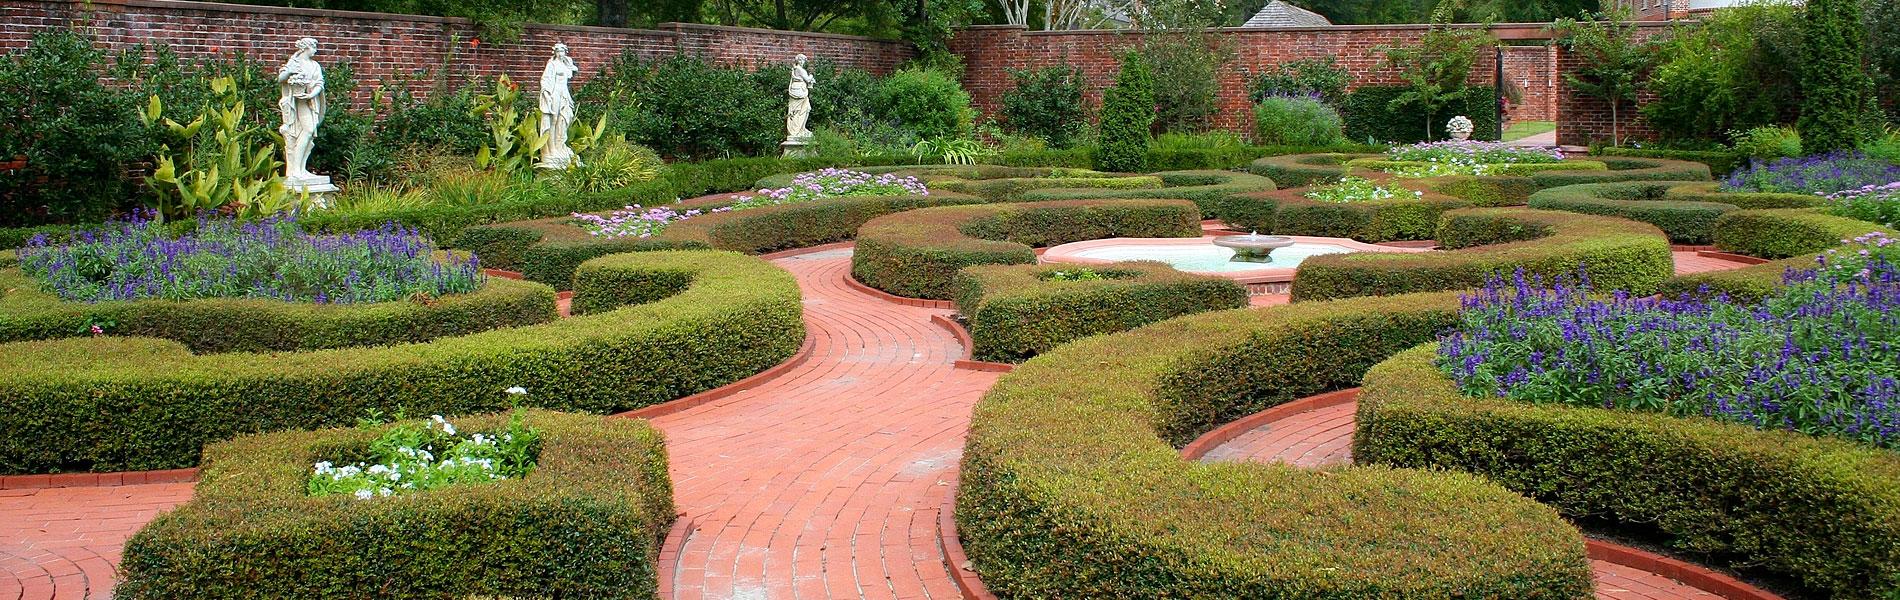 Il giardino all 39 italiana for Esempi di giardini